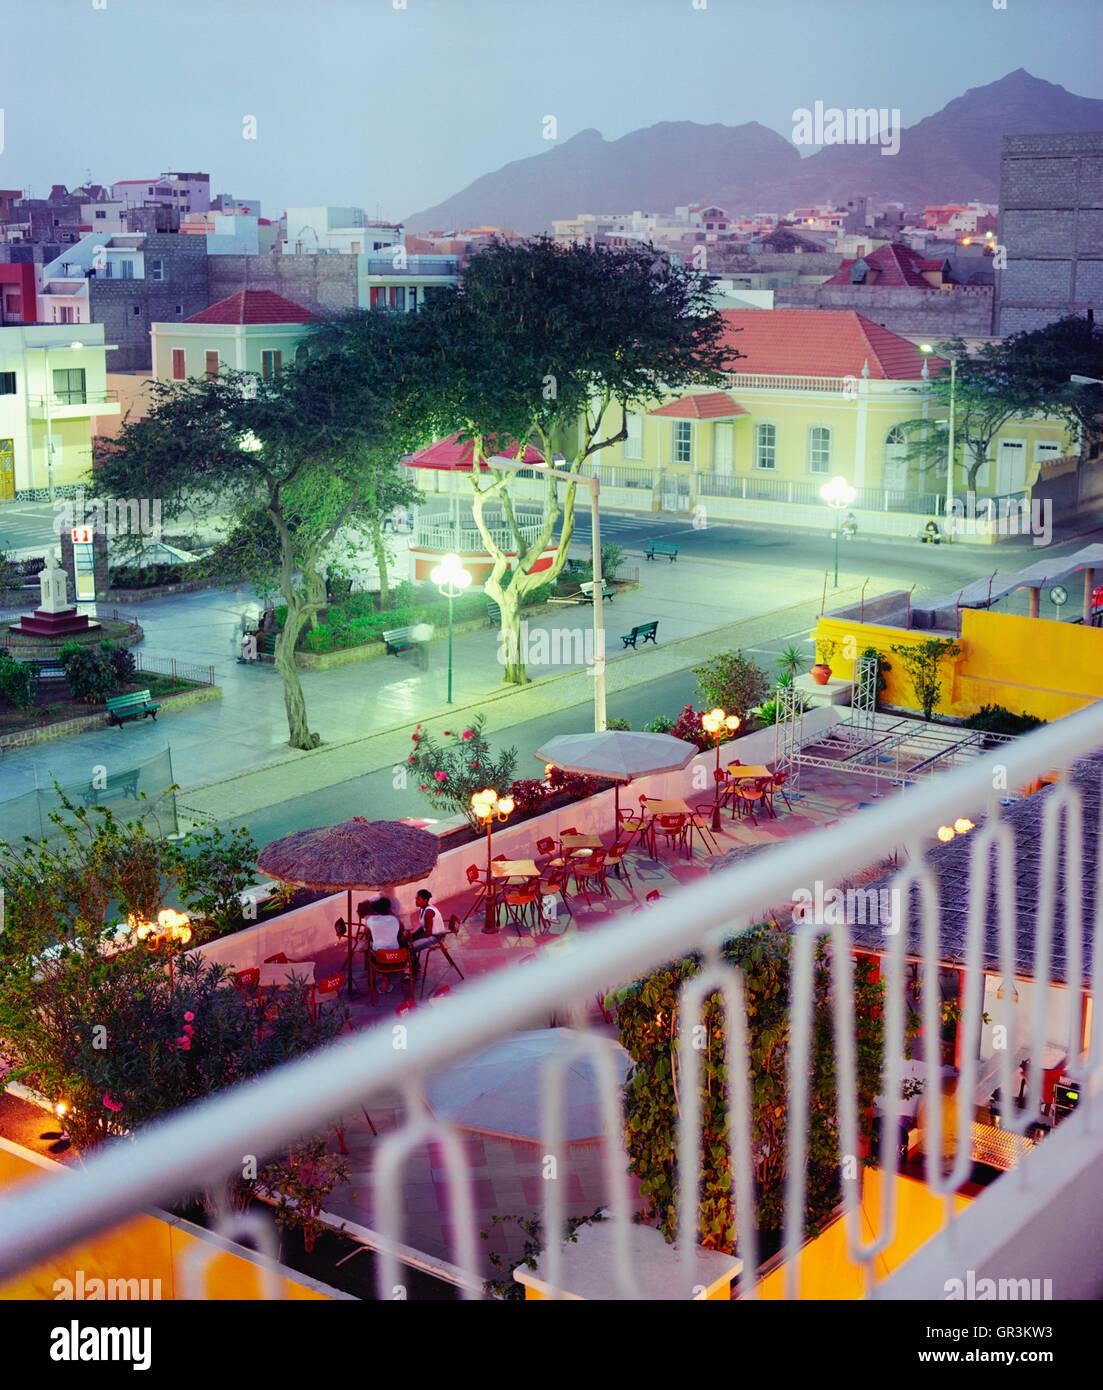 La vista desde el balcón de la habitación #216 en el Hotel Porto Grande, Mindelo, Sao Vicente. Imagen De Stock